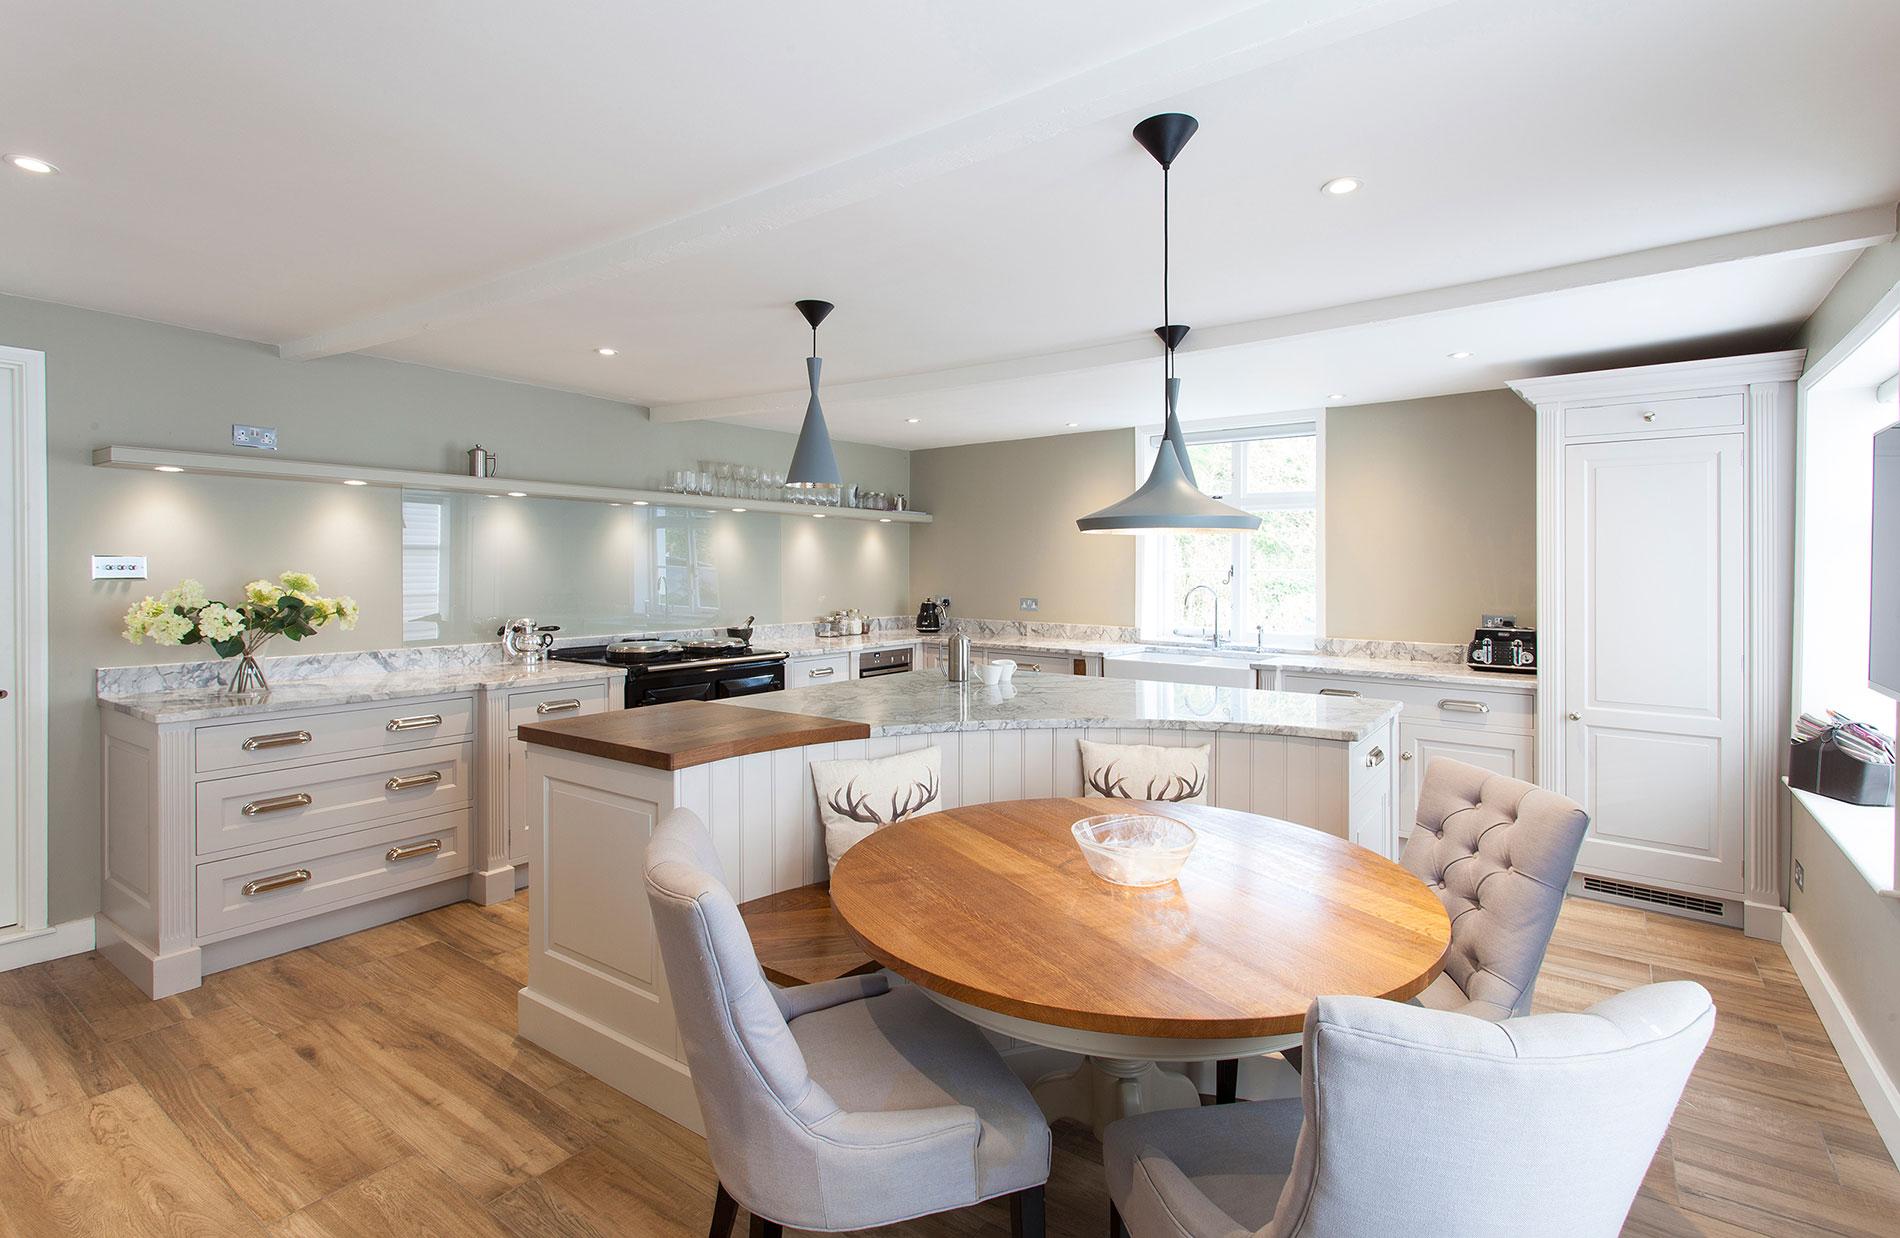 Pentlow Grand Kitchen